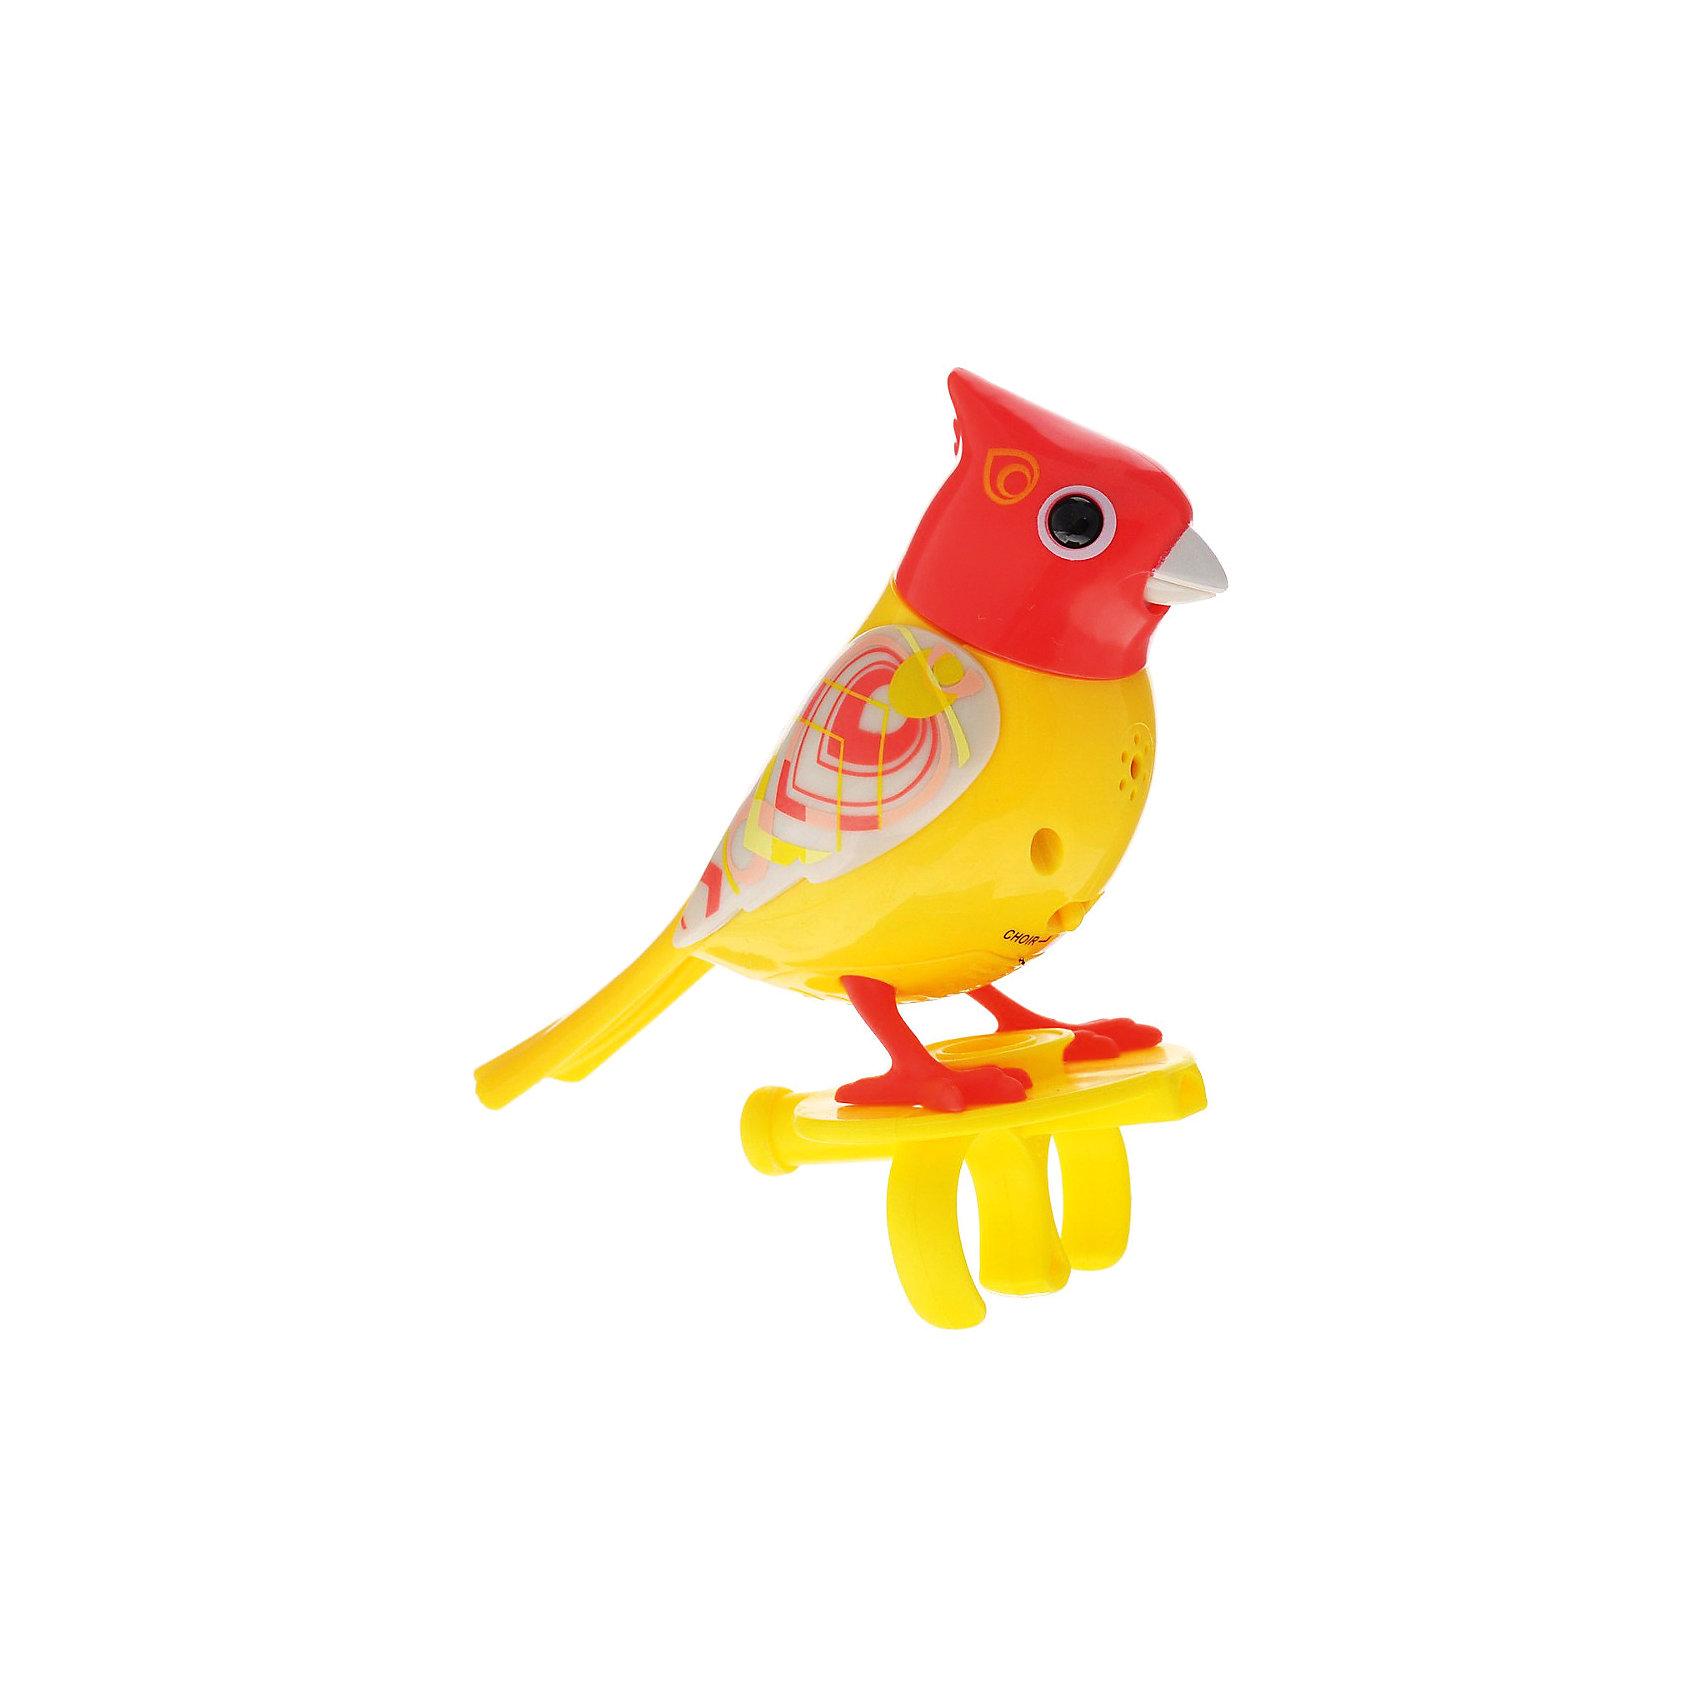 Silverlit Поющая птичка с кольцом, красная, DigiBirds japan gals сыворотка для лица с гиалуроновой кислотой pure beau essence 25 мл